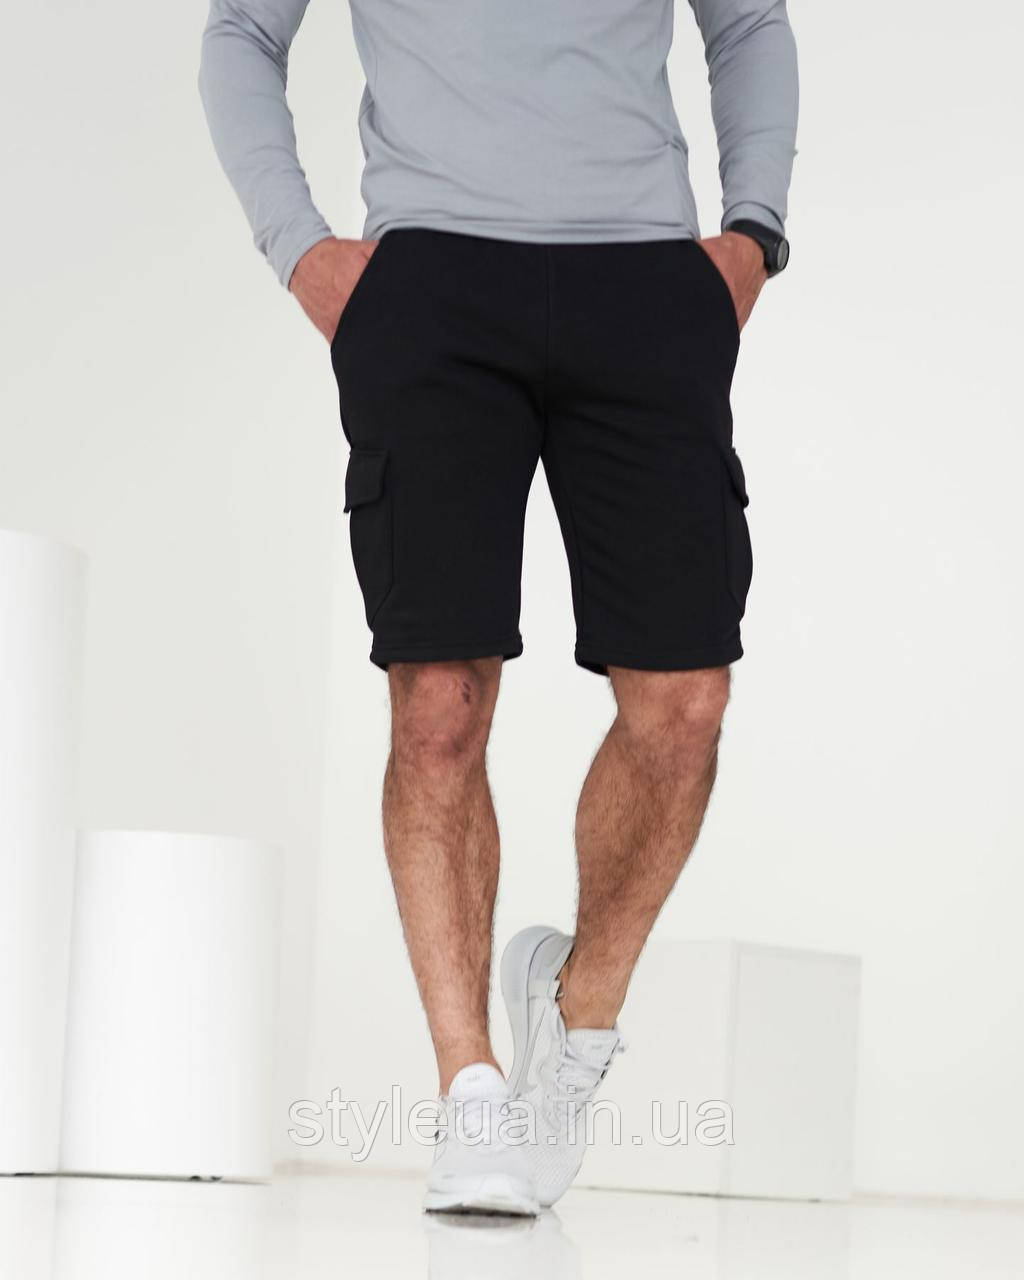 Мужские трикотажные черные шорты карго с карманами / Черные спортивные шорты бриджи мужские